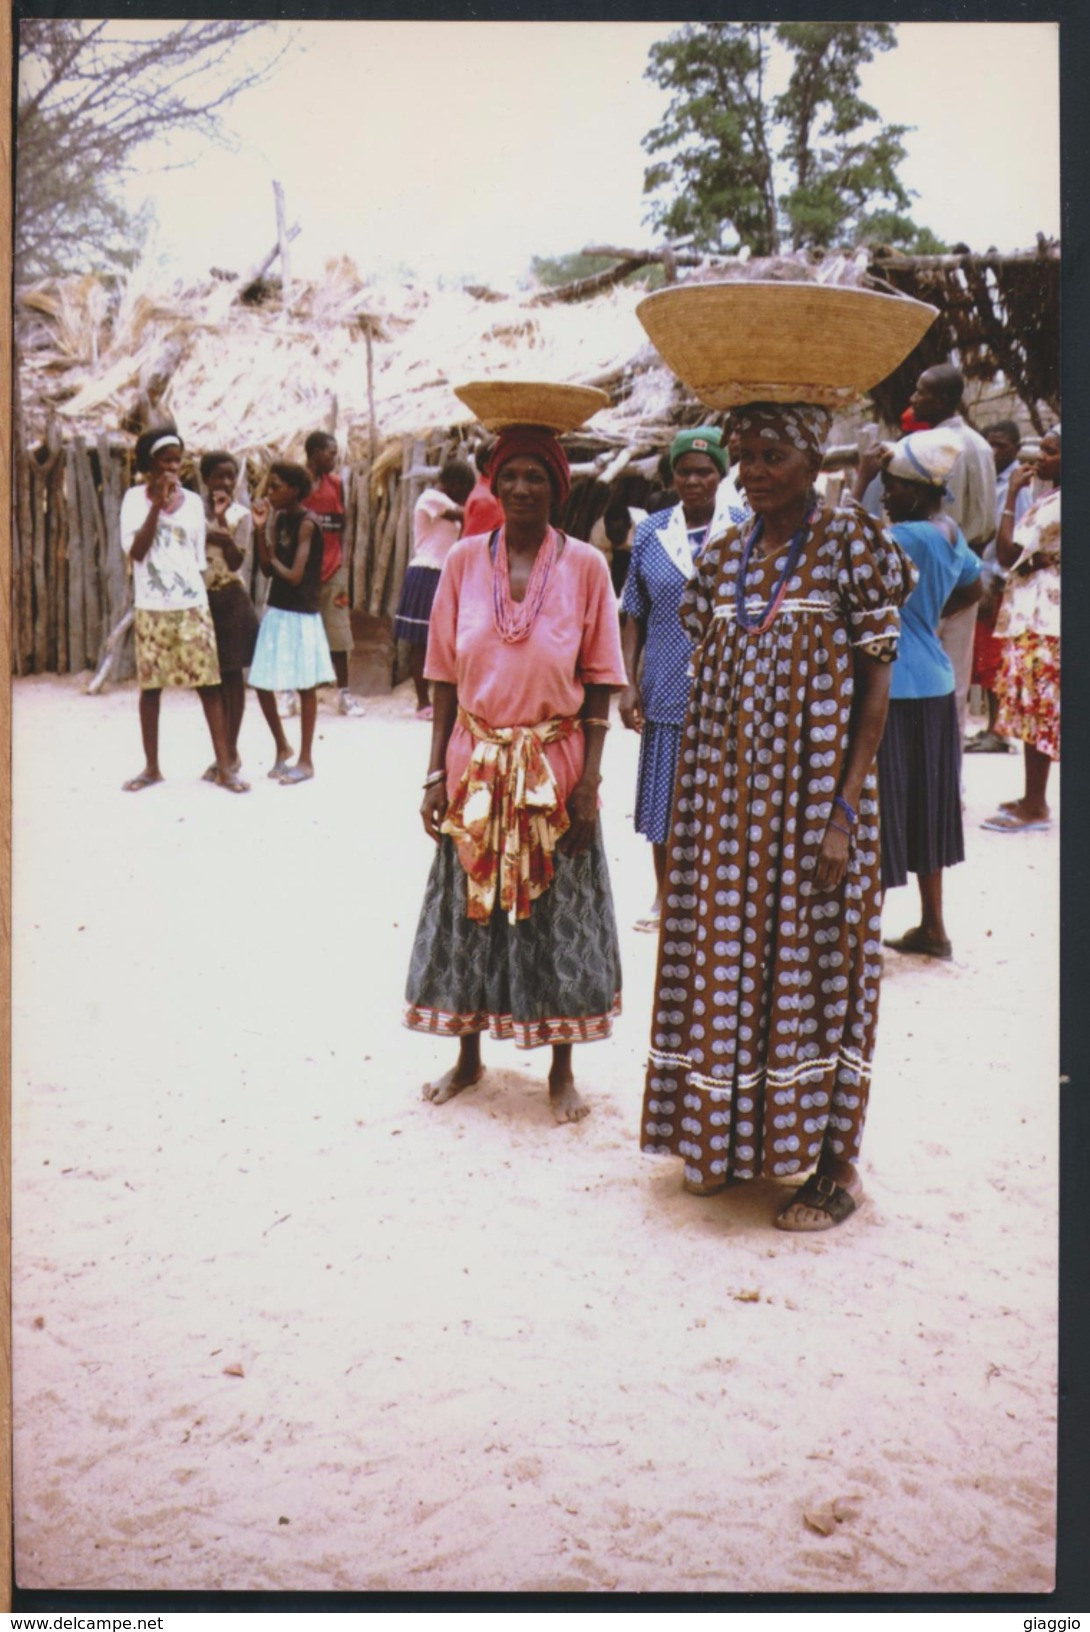 °°° 152 - BURKINA FASO - FOTO 3 °°° - Burkina Faso